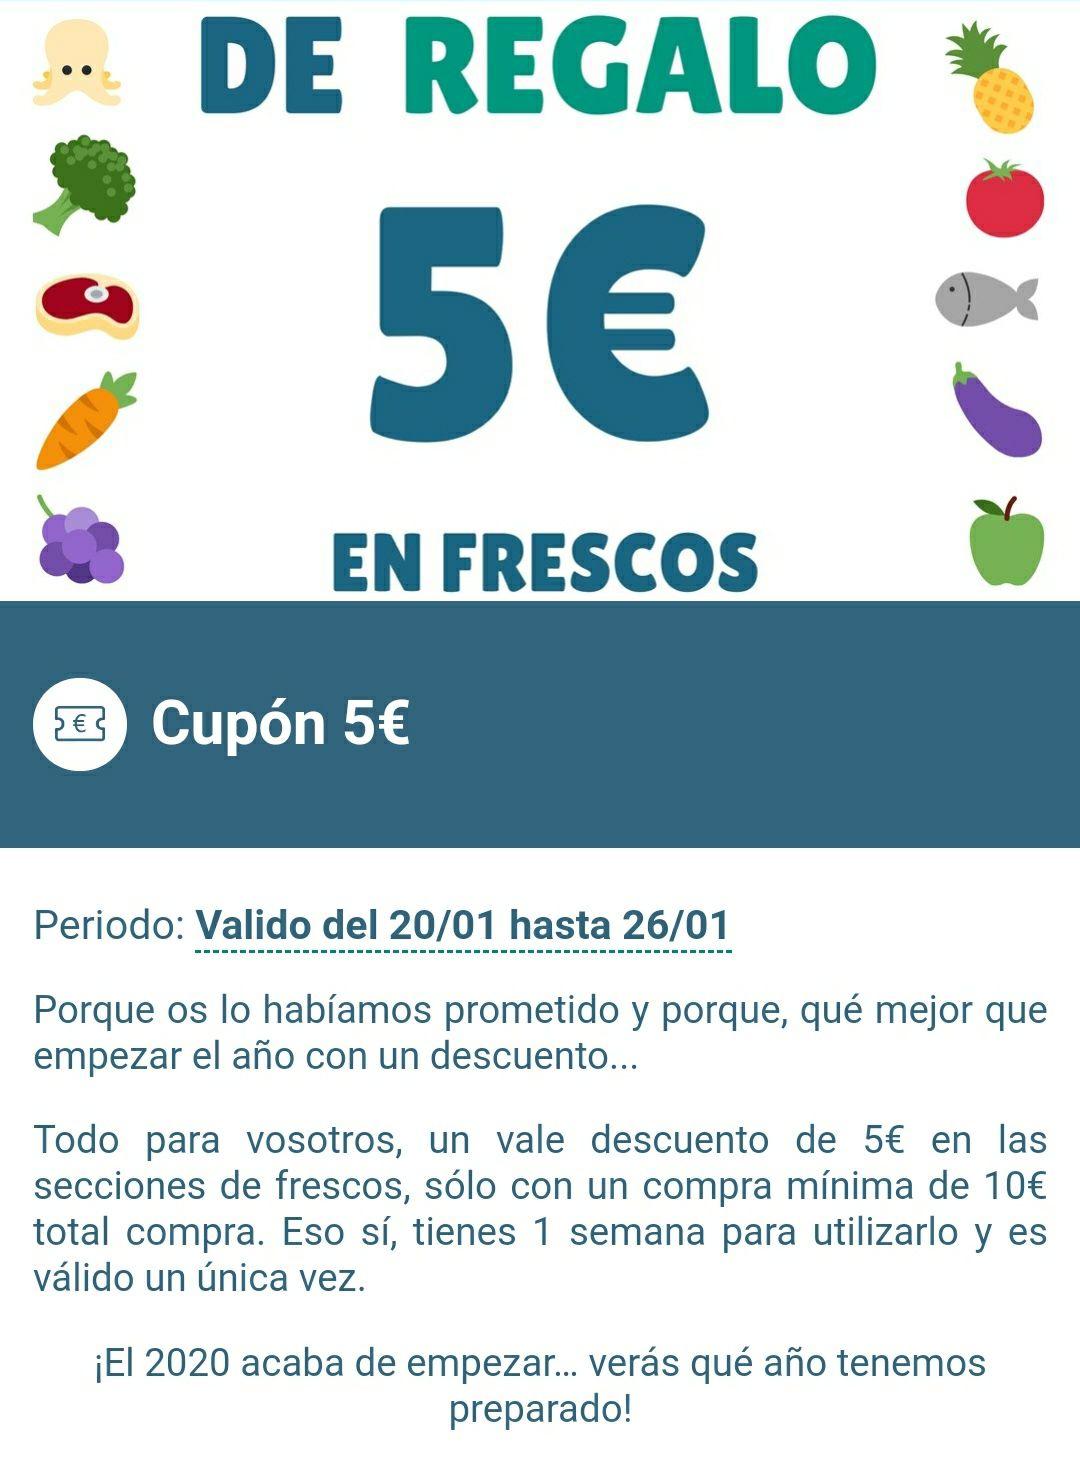 5€ DE DESCUENTO EN CONDIS (Registrandose en la app)